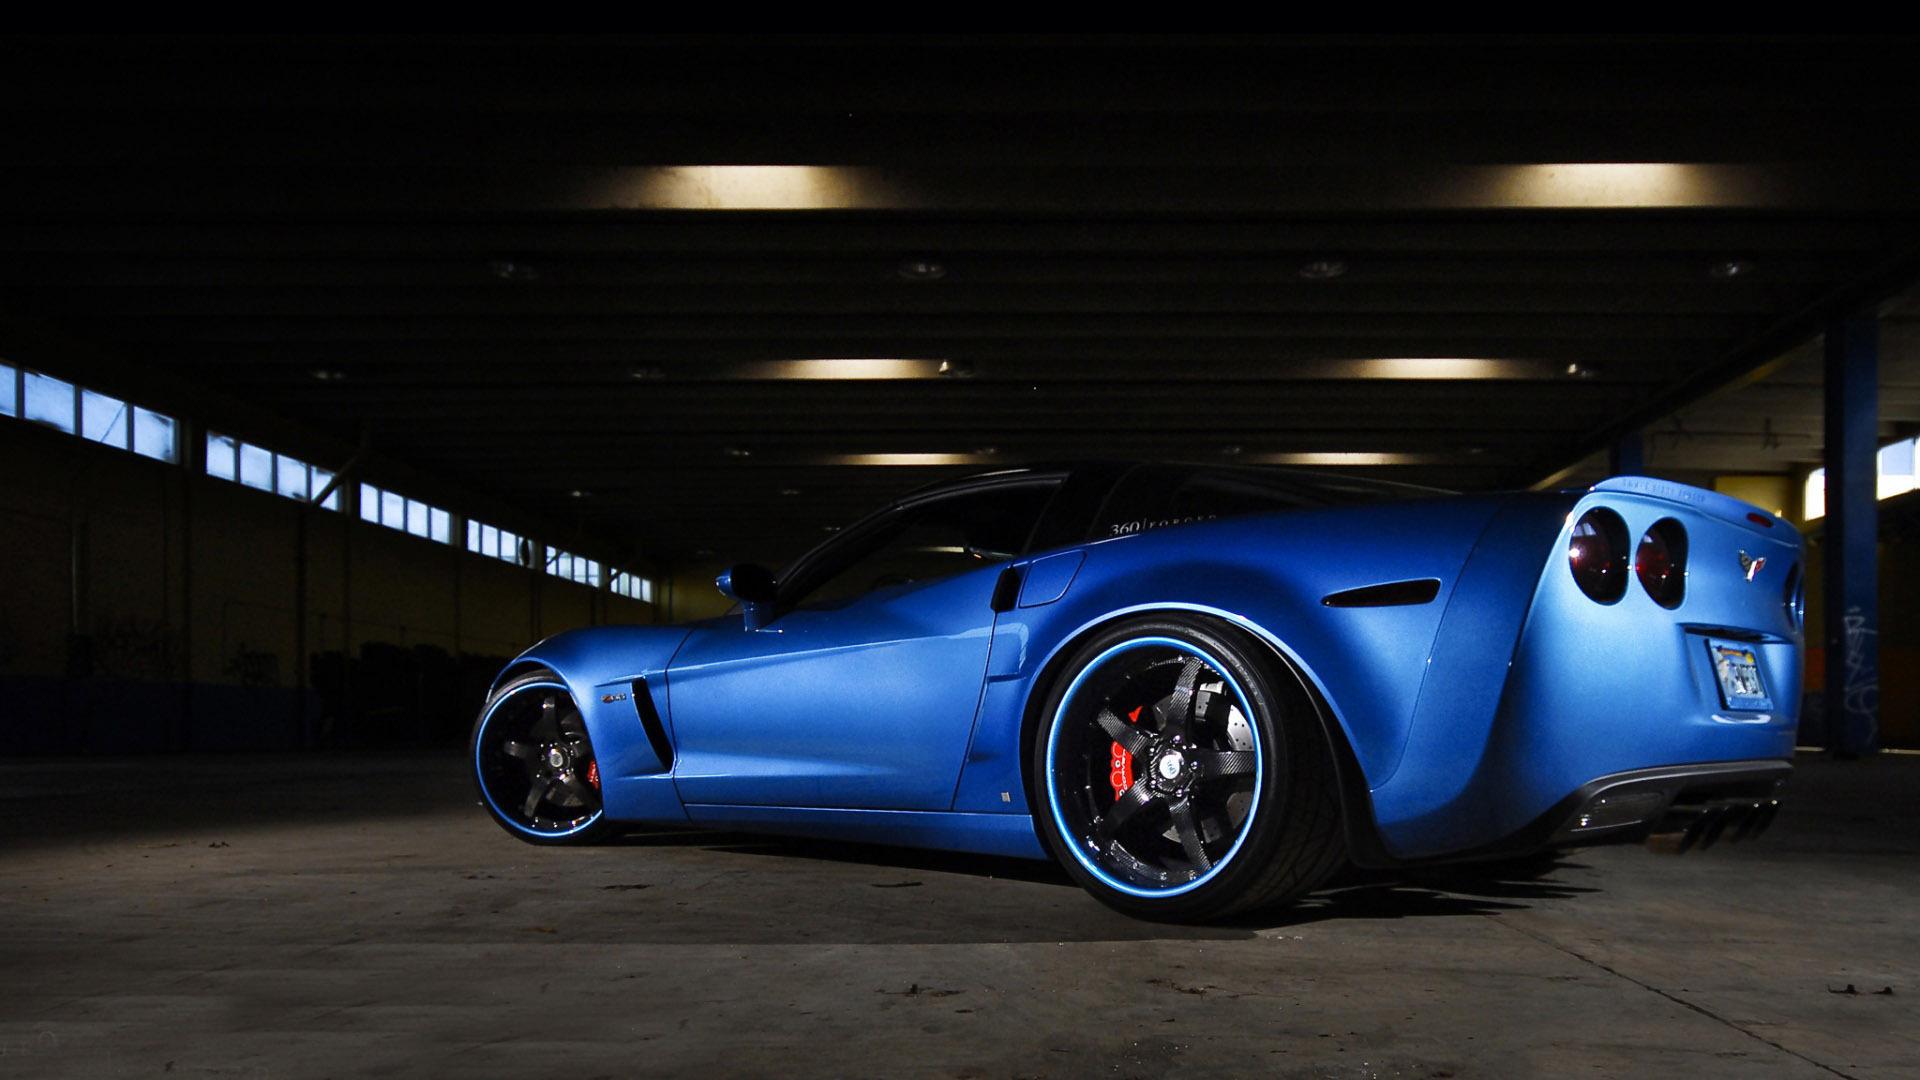 Corvette wallpaper 167819